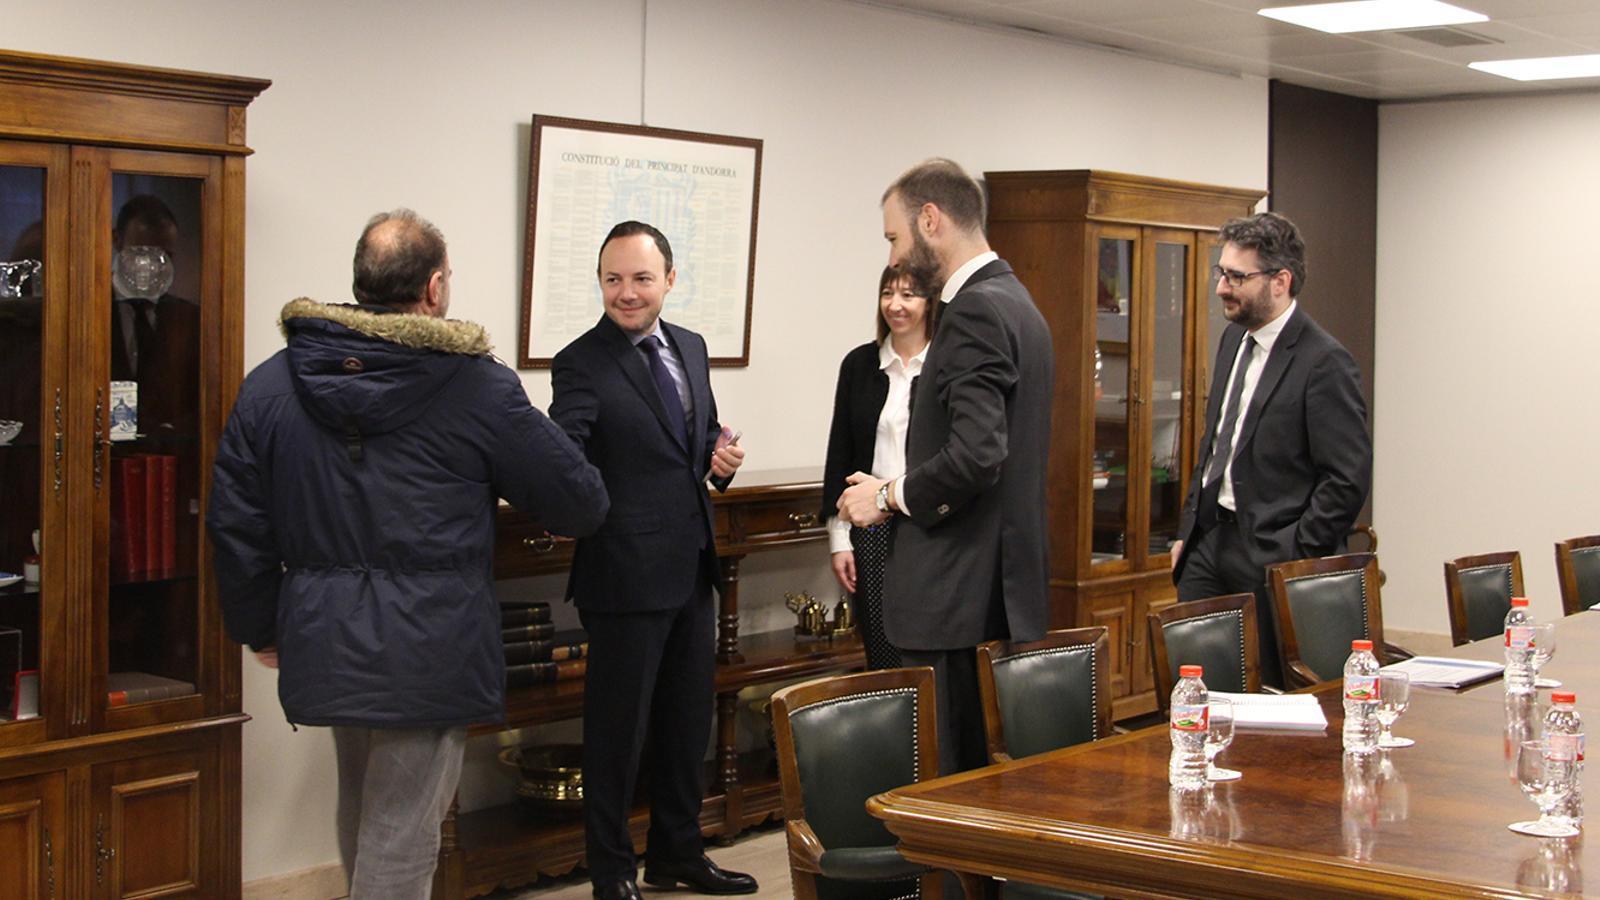 El ministre d'Afers Socials, Justícia i Interior, Xavier Espot, saludant un dels portaveus dels sindicats, Gabriel Ubach. / M. F. (ANA)